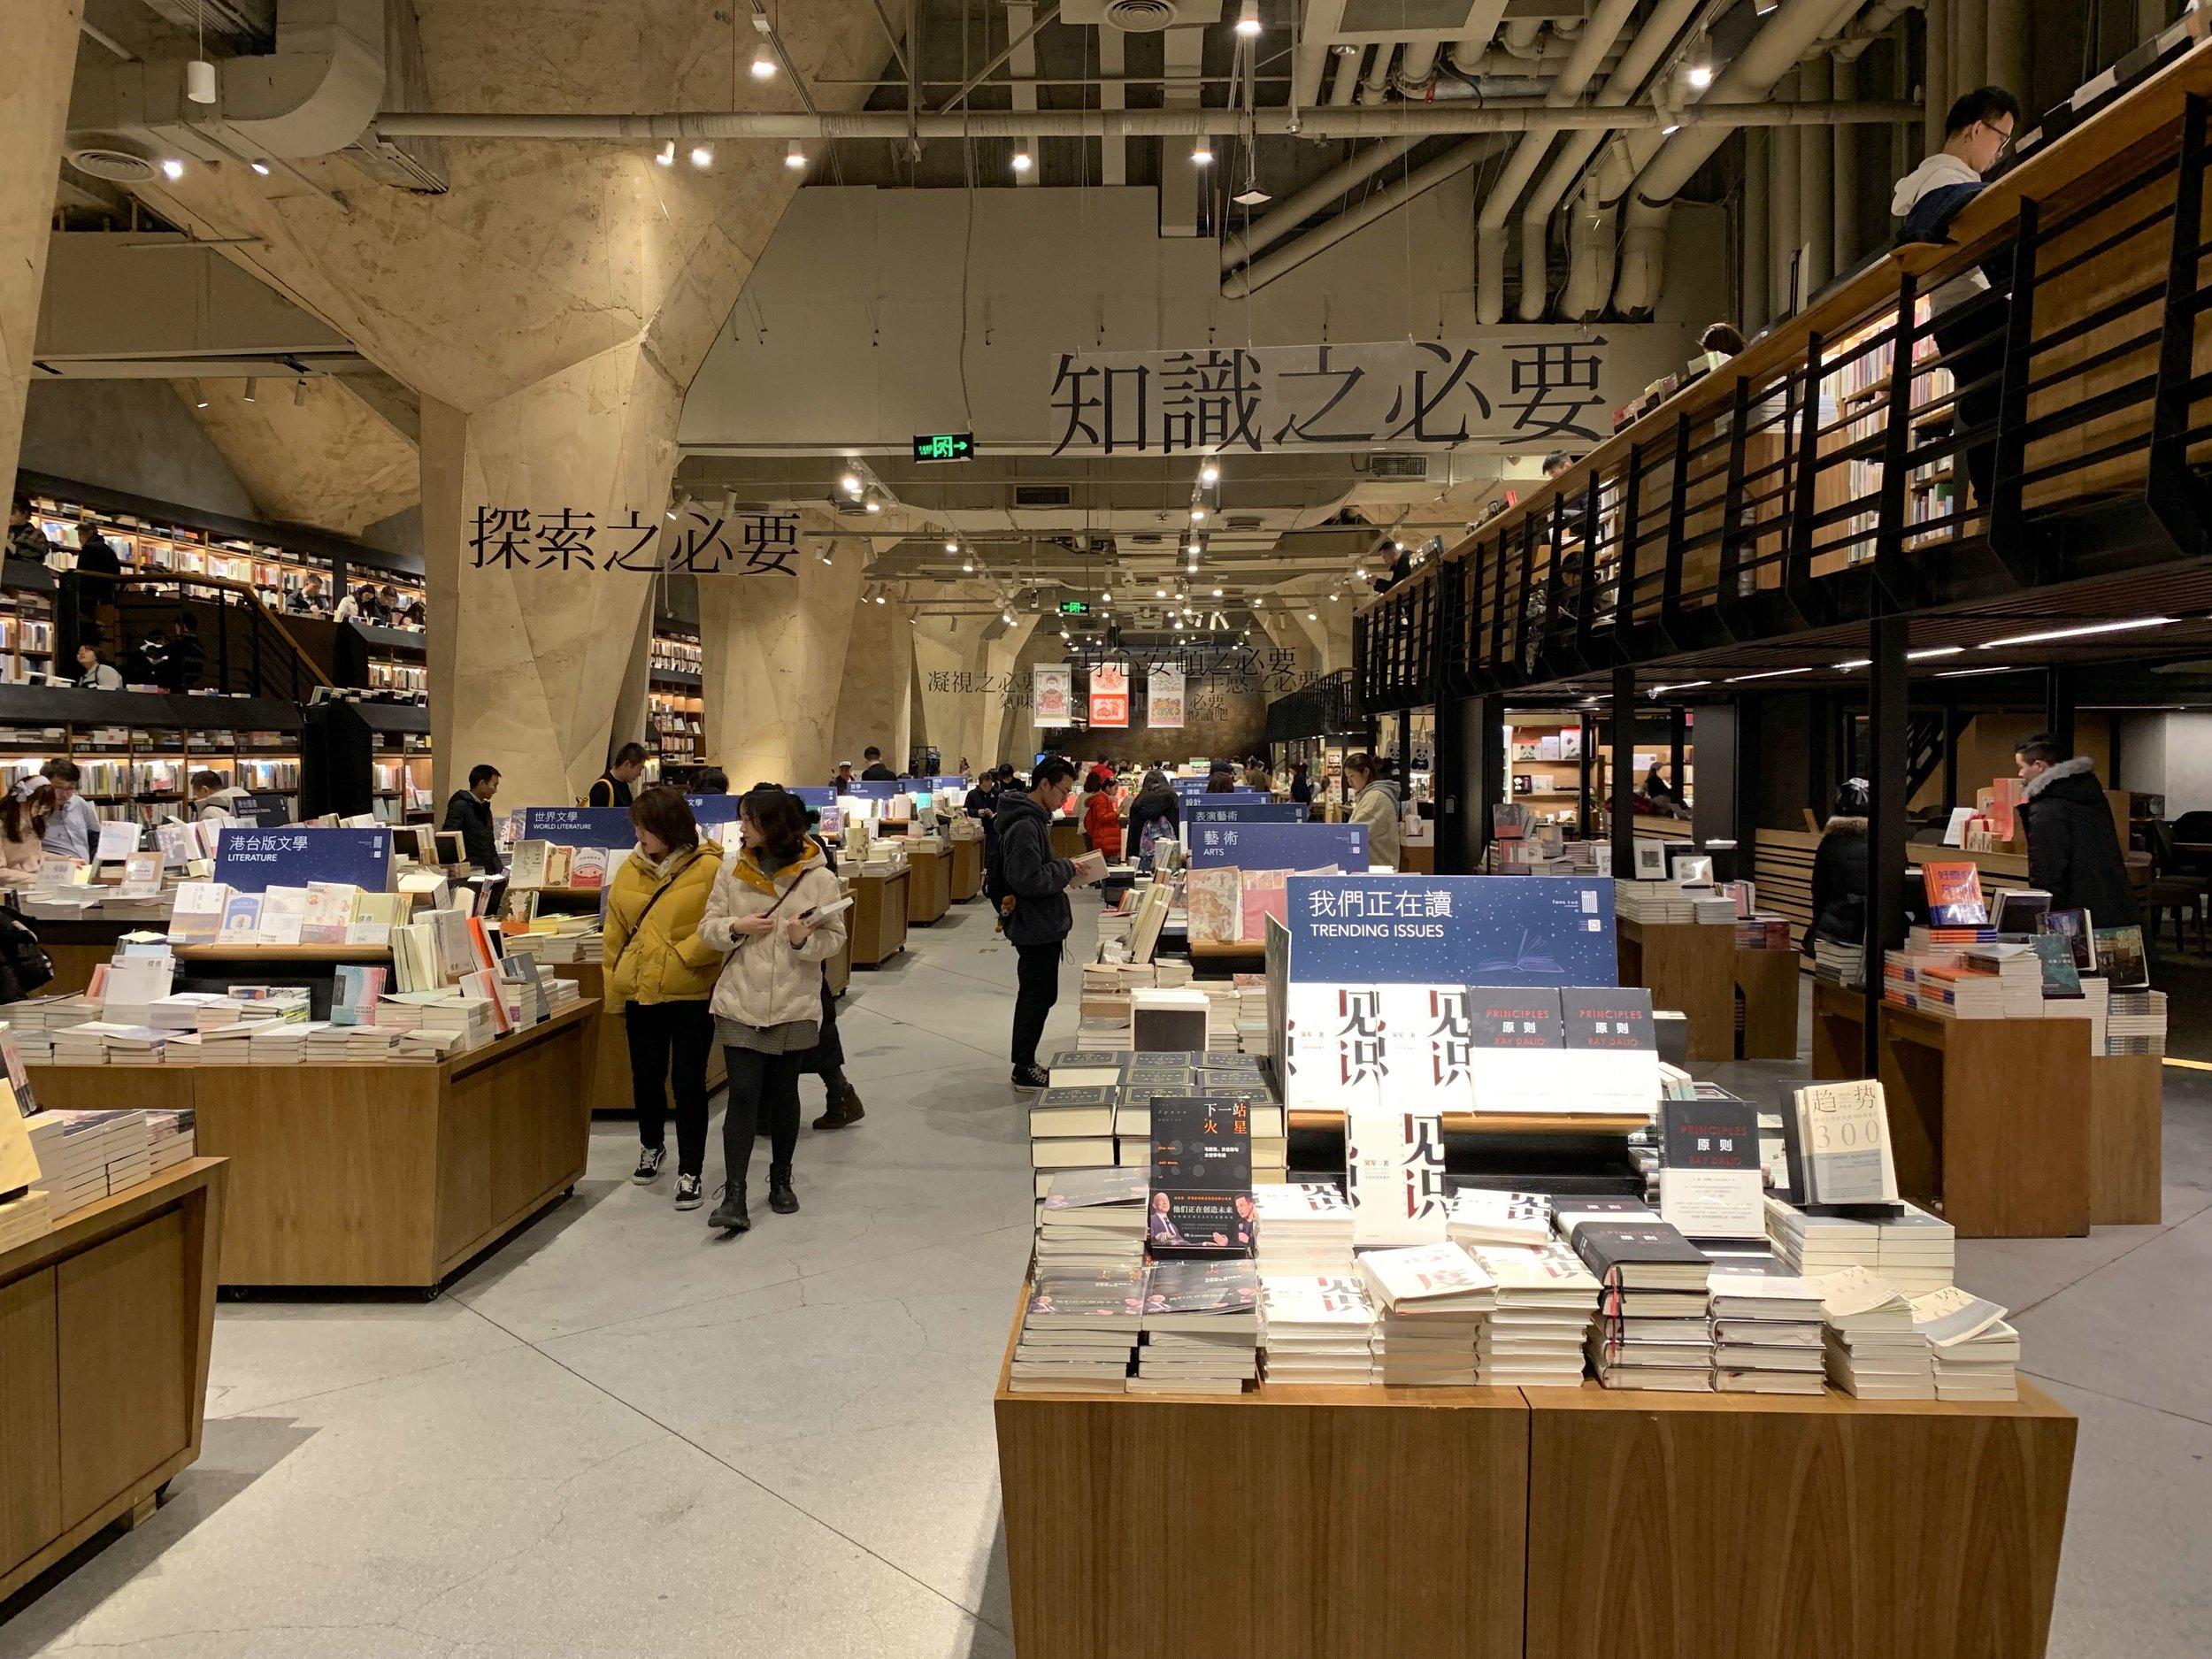 Fang Suo Commune bookstore, Chengdu